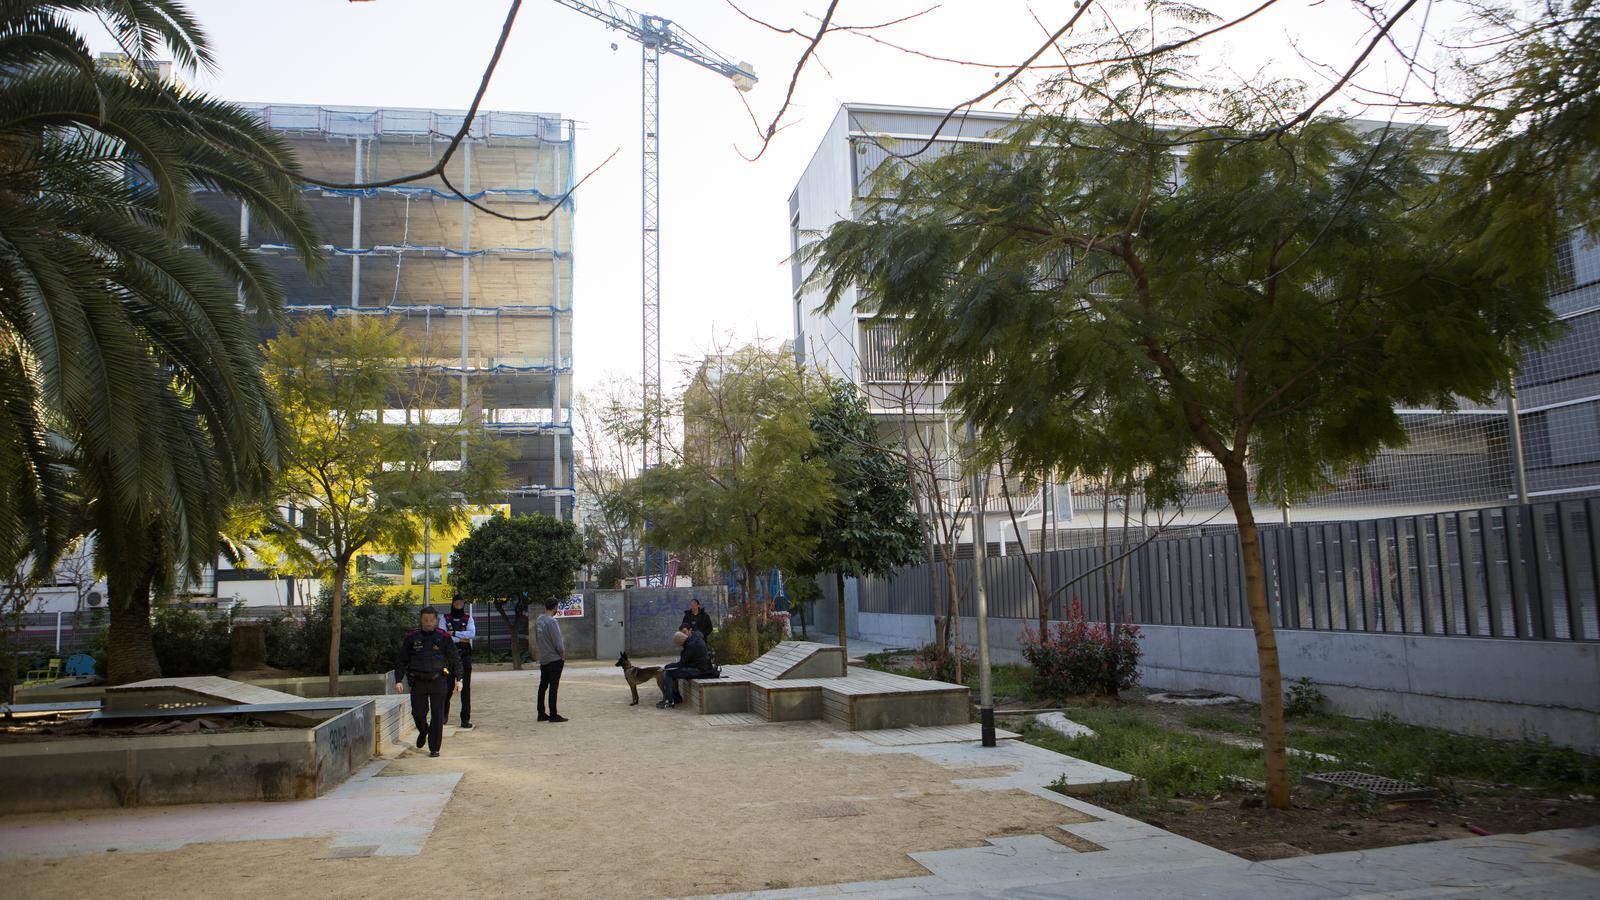 Mort per sobredosi d'heroïna darrere un institut de Barcelona